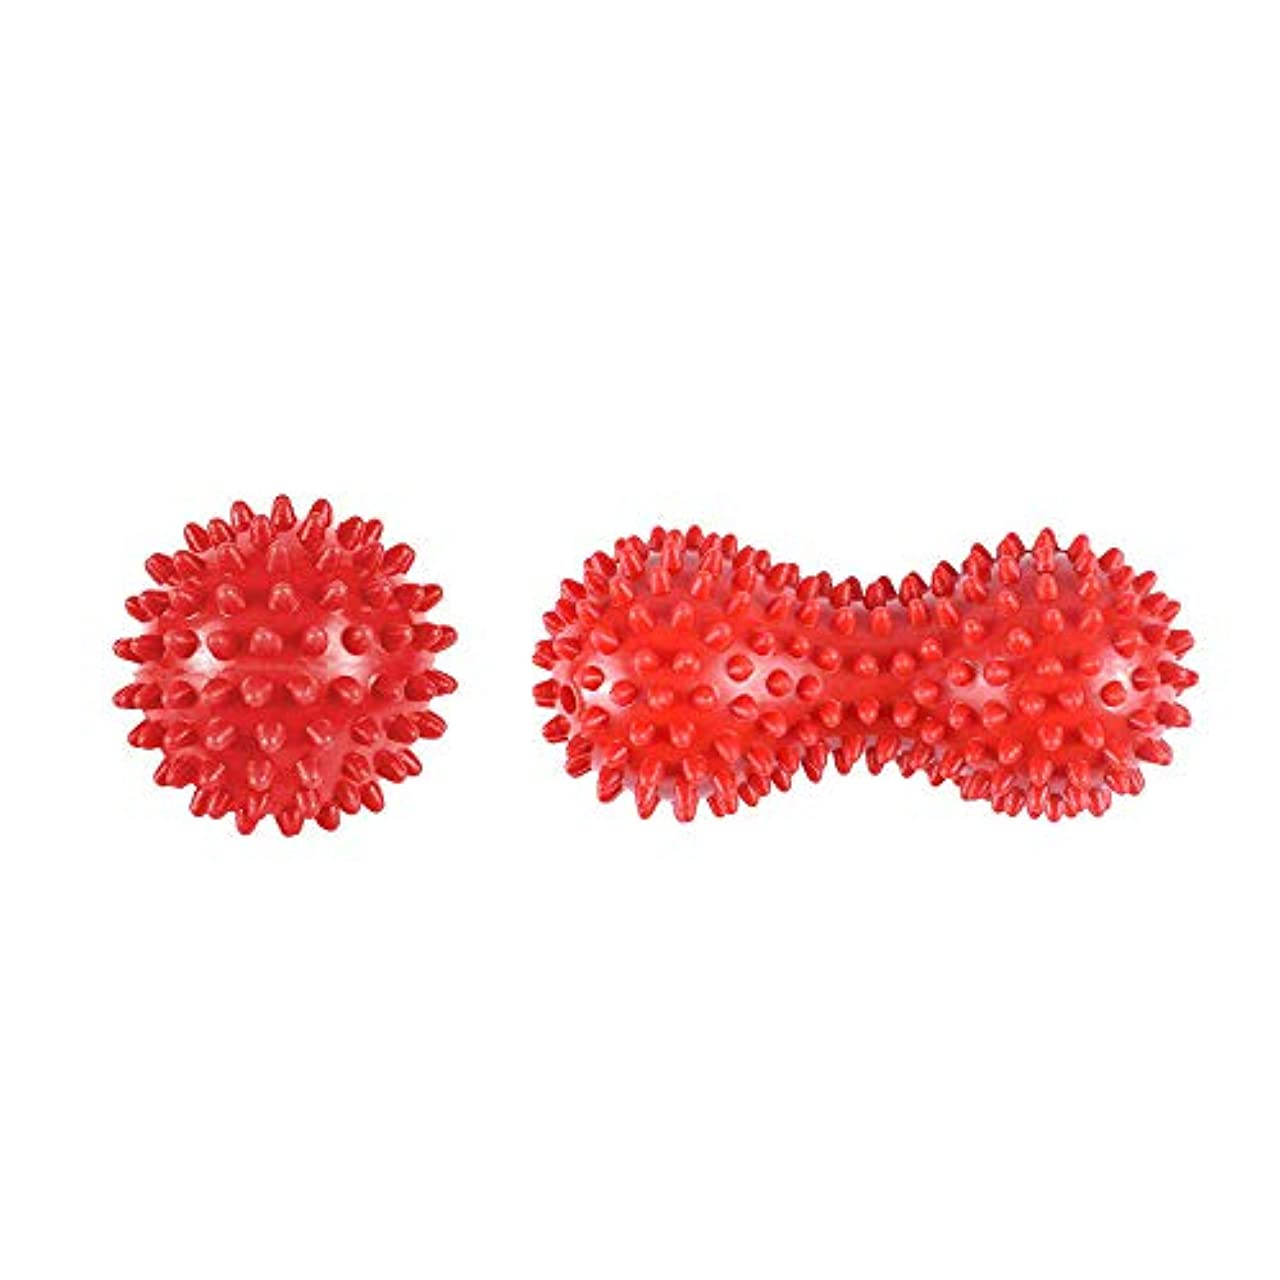 モルヒネどっちデンマークヨガボール ツボ押しグッズ ツボマッサージ ツインボール マッサージボール ストレッチ ピーナッツ型 筋膜